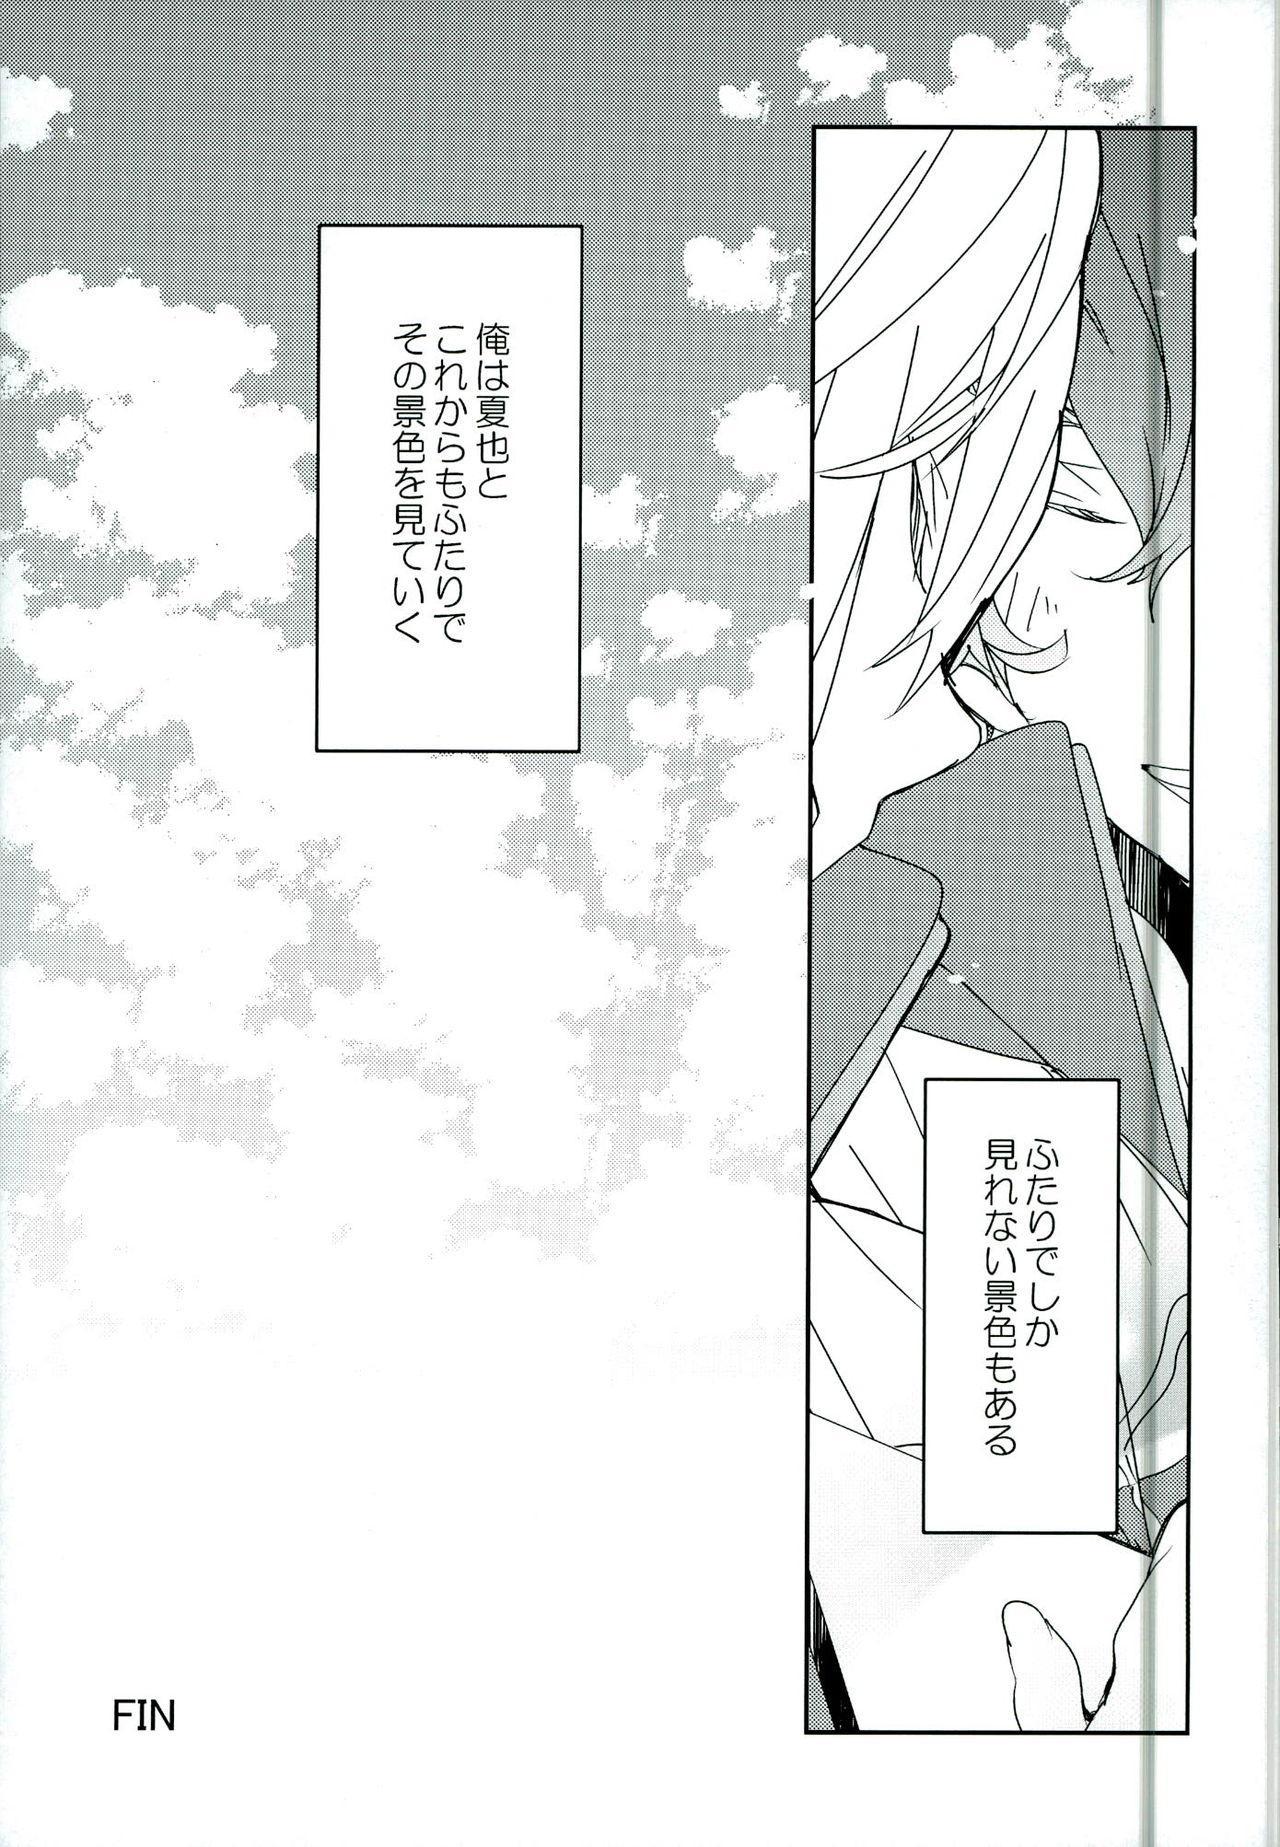 Futari de Dekiru Koto 26